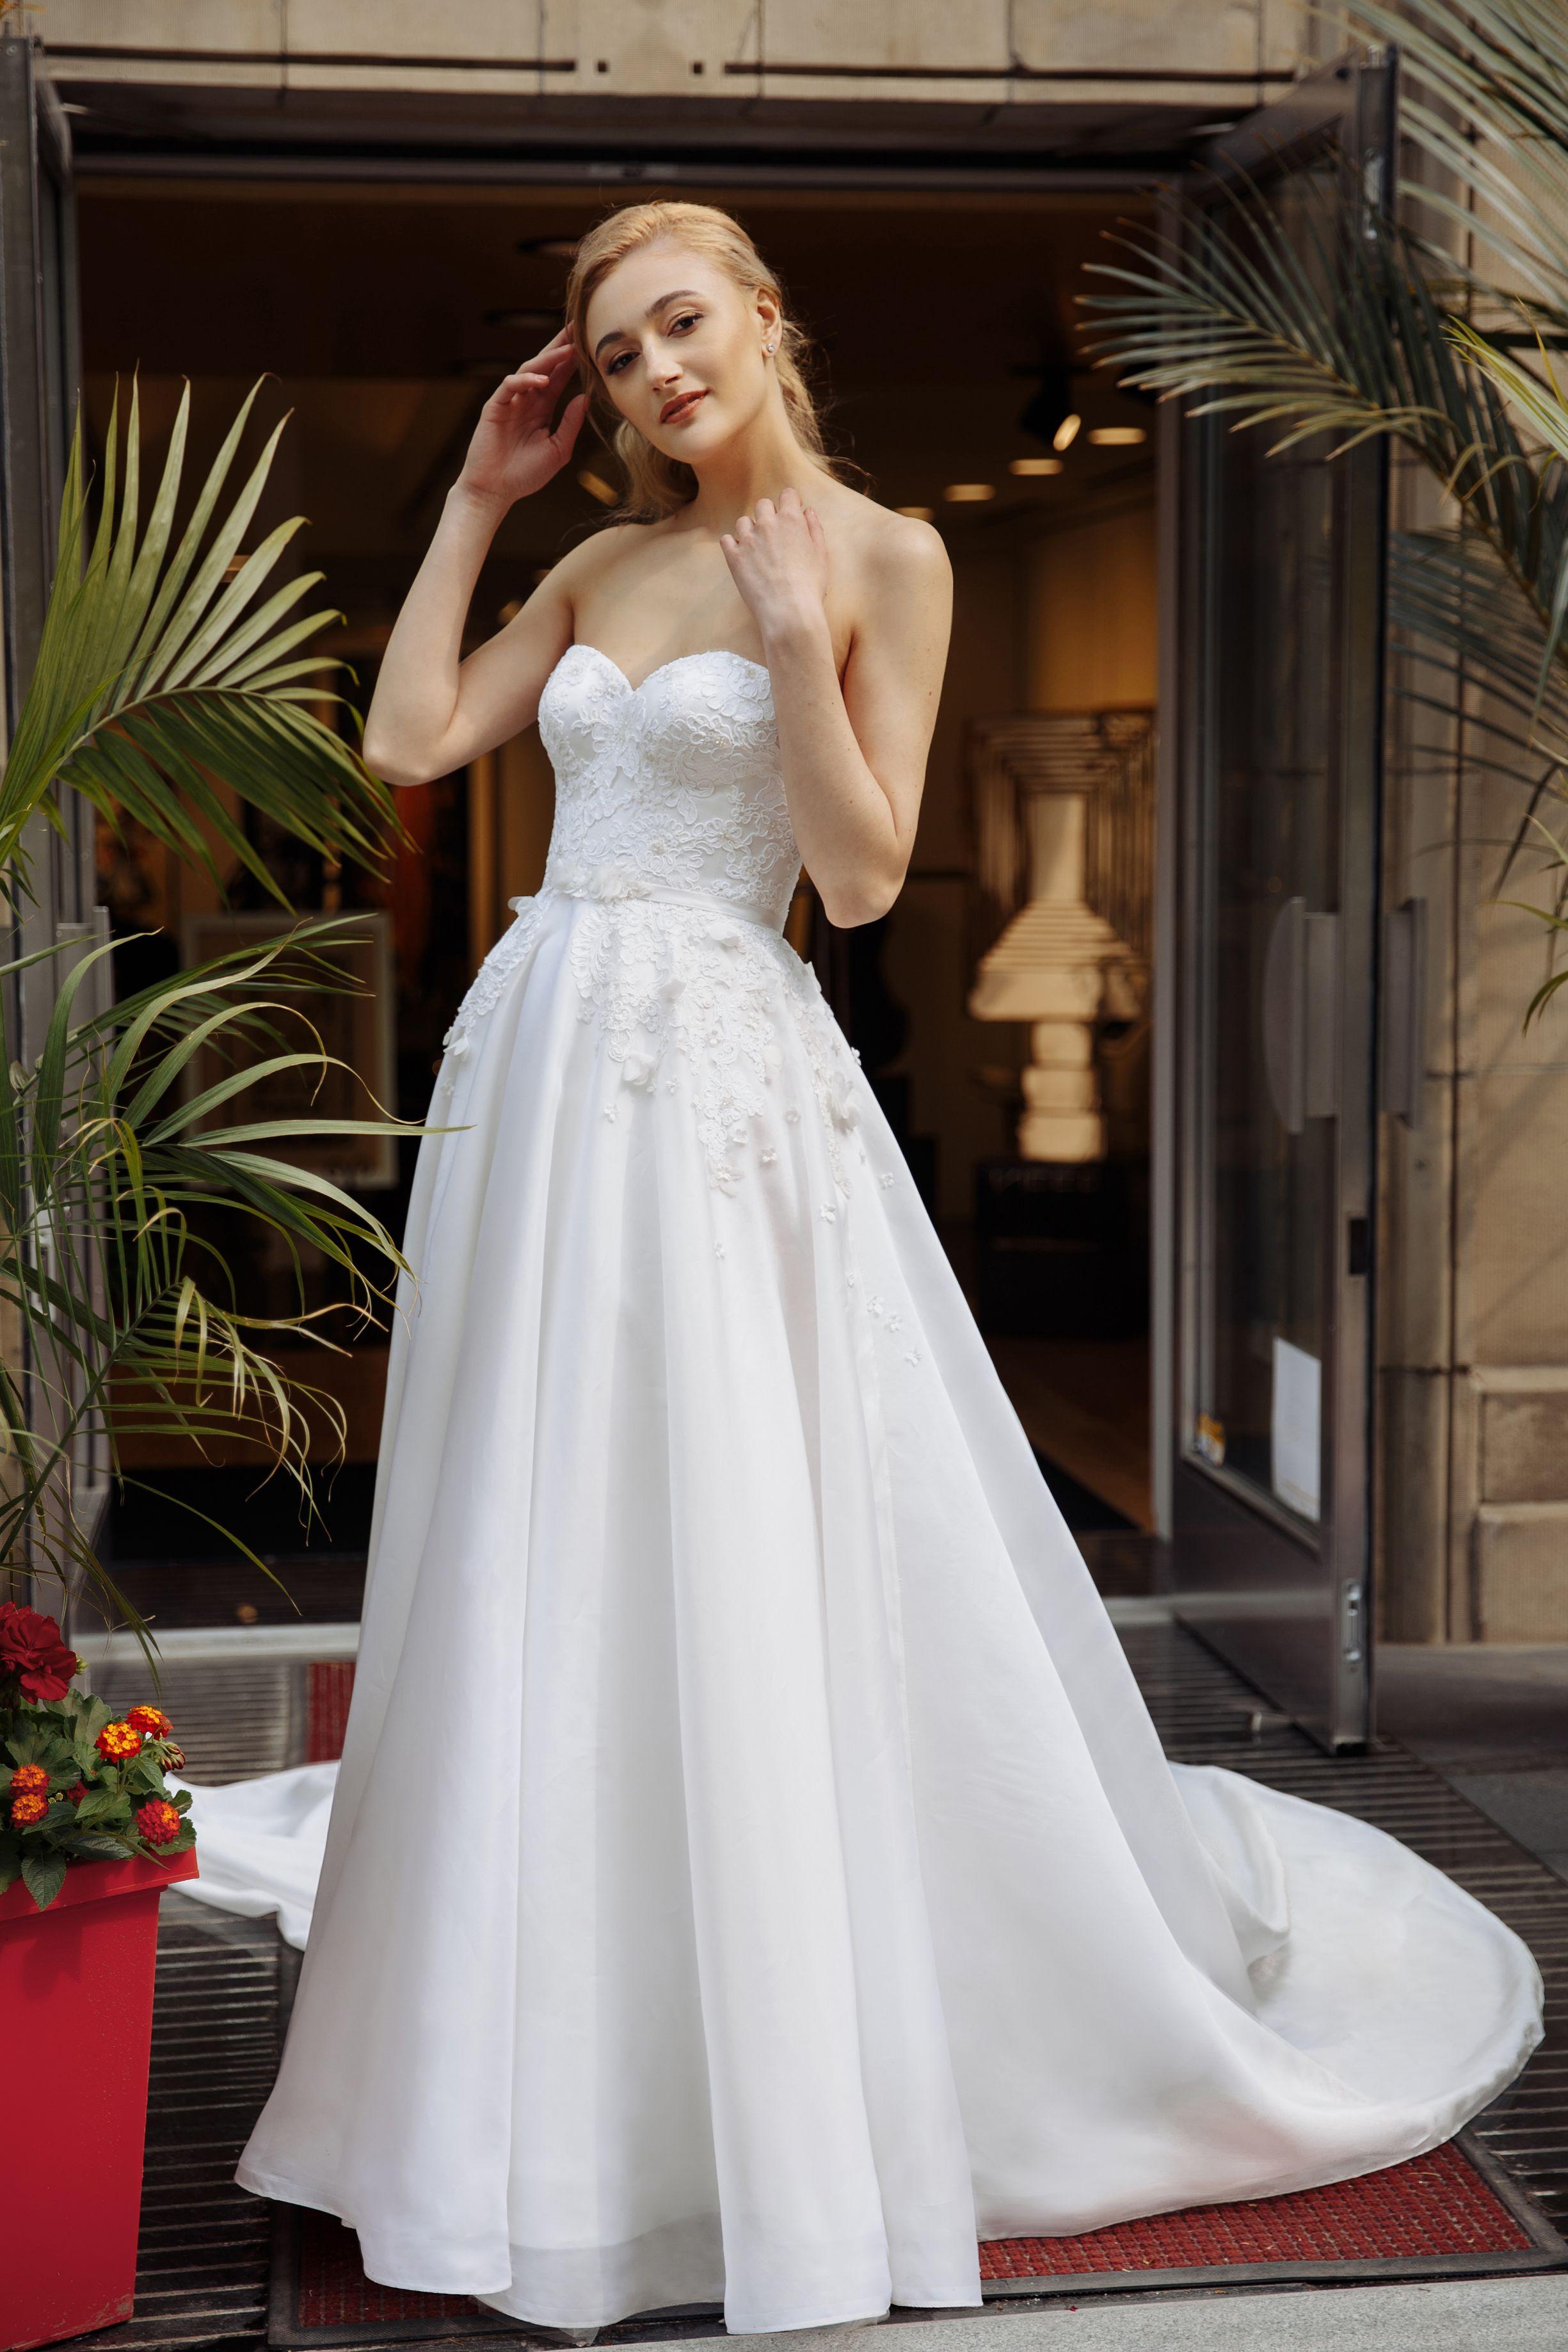 robe princess avec train long corset en dentelle montreal robes de mariee